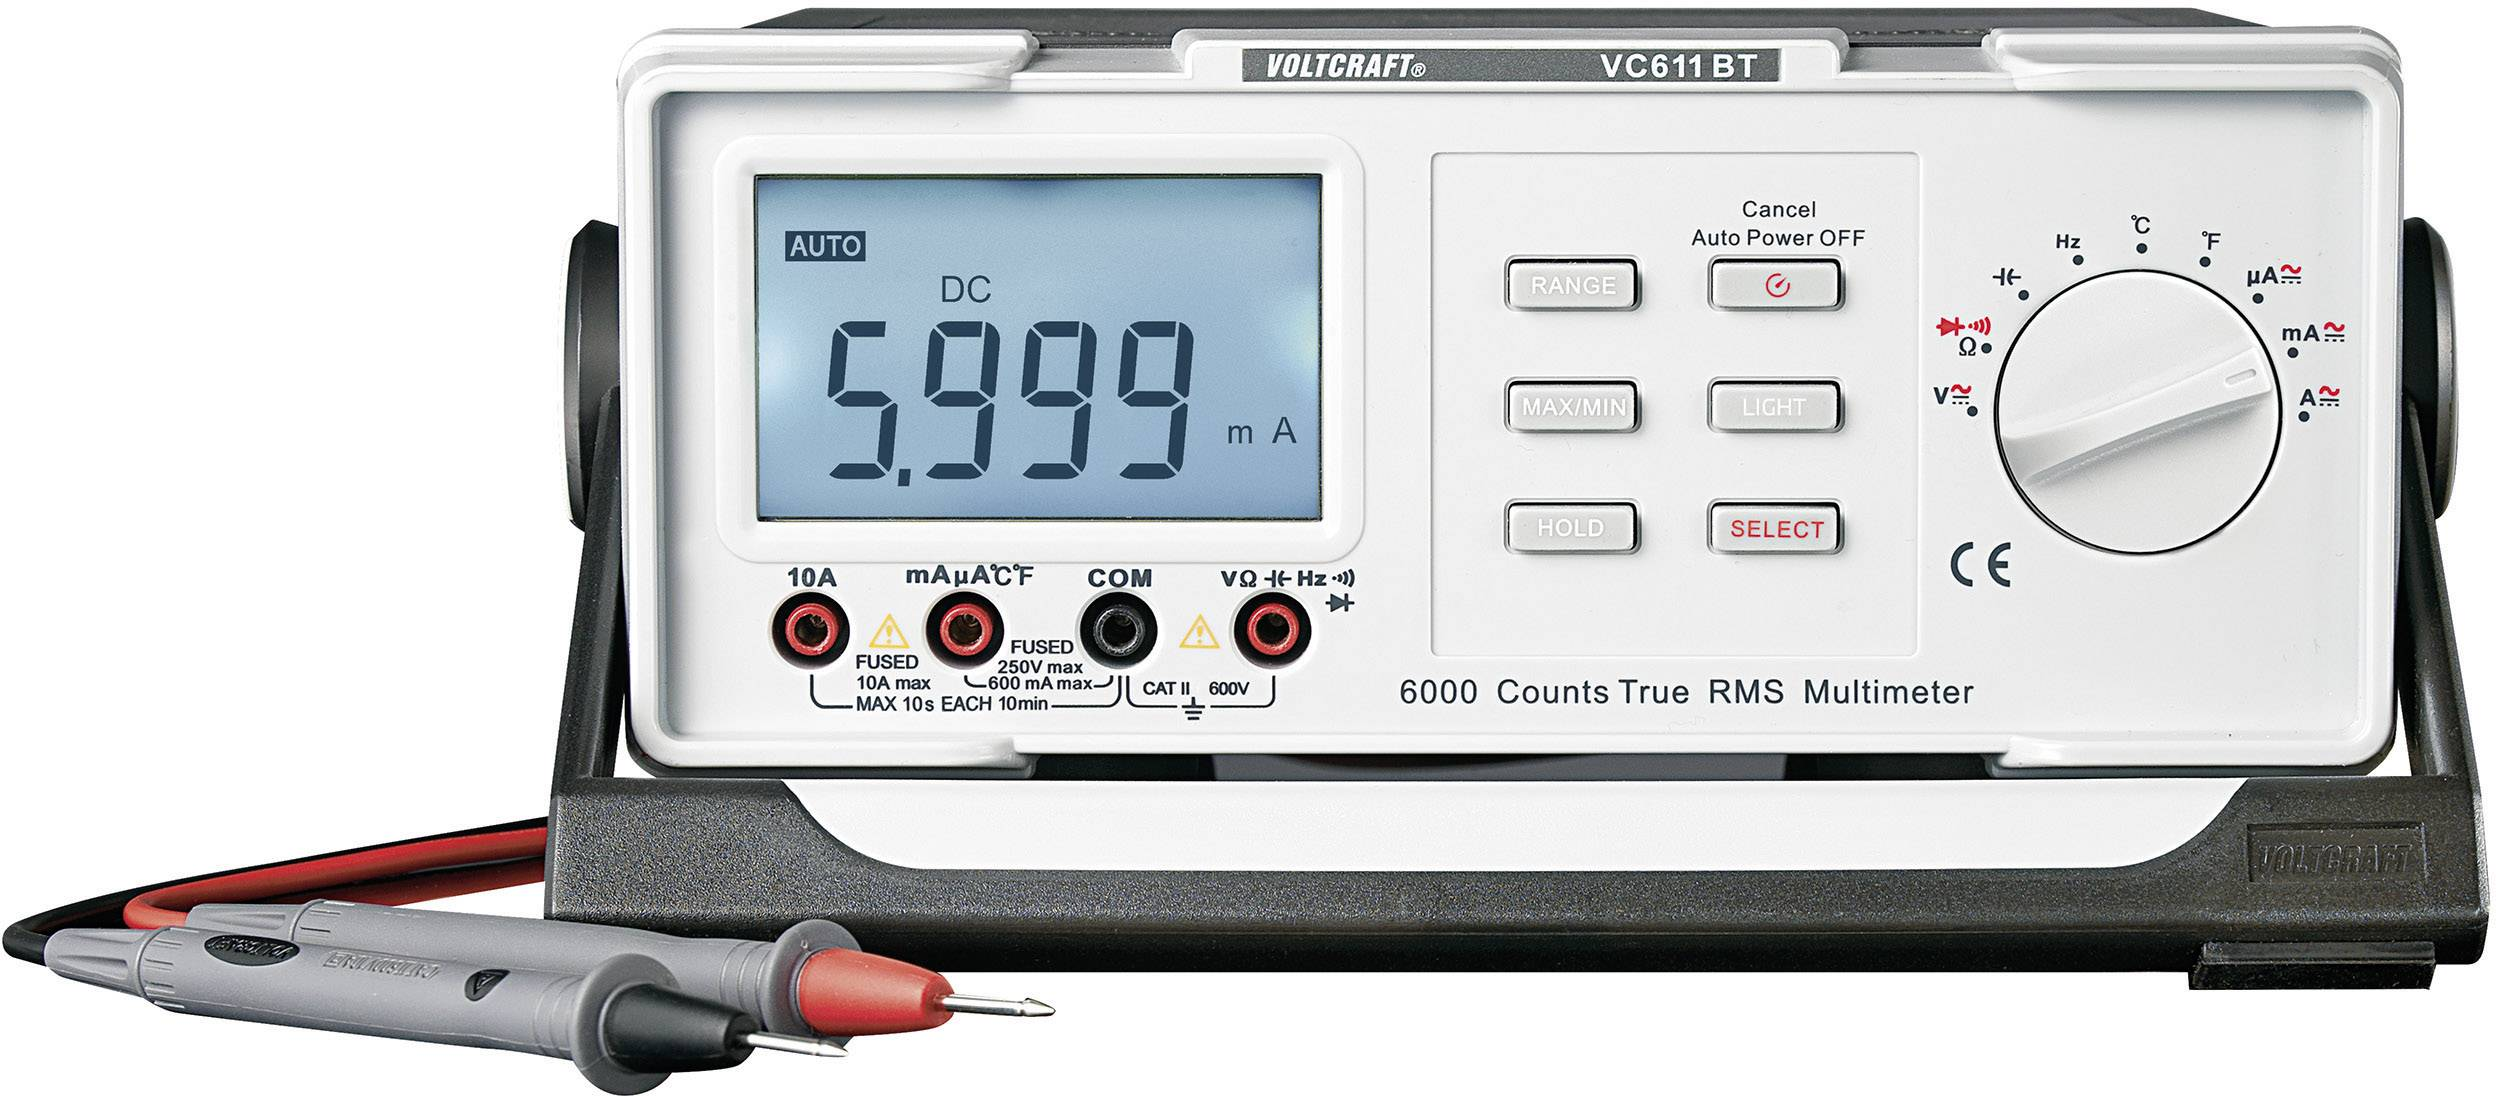 Digitálne/y stolný mutlimeter VOLTCRAFT VC611BT VC611BT (ISO), kalibrácia podľa ISO